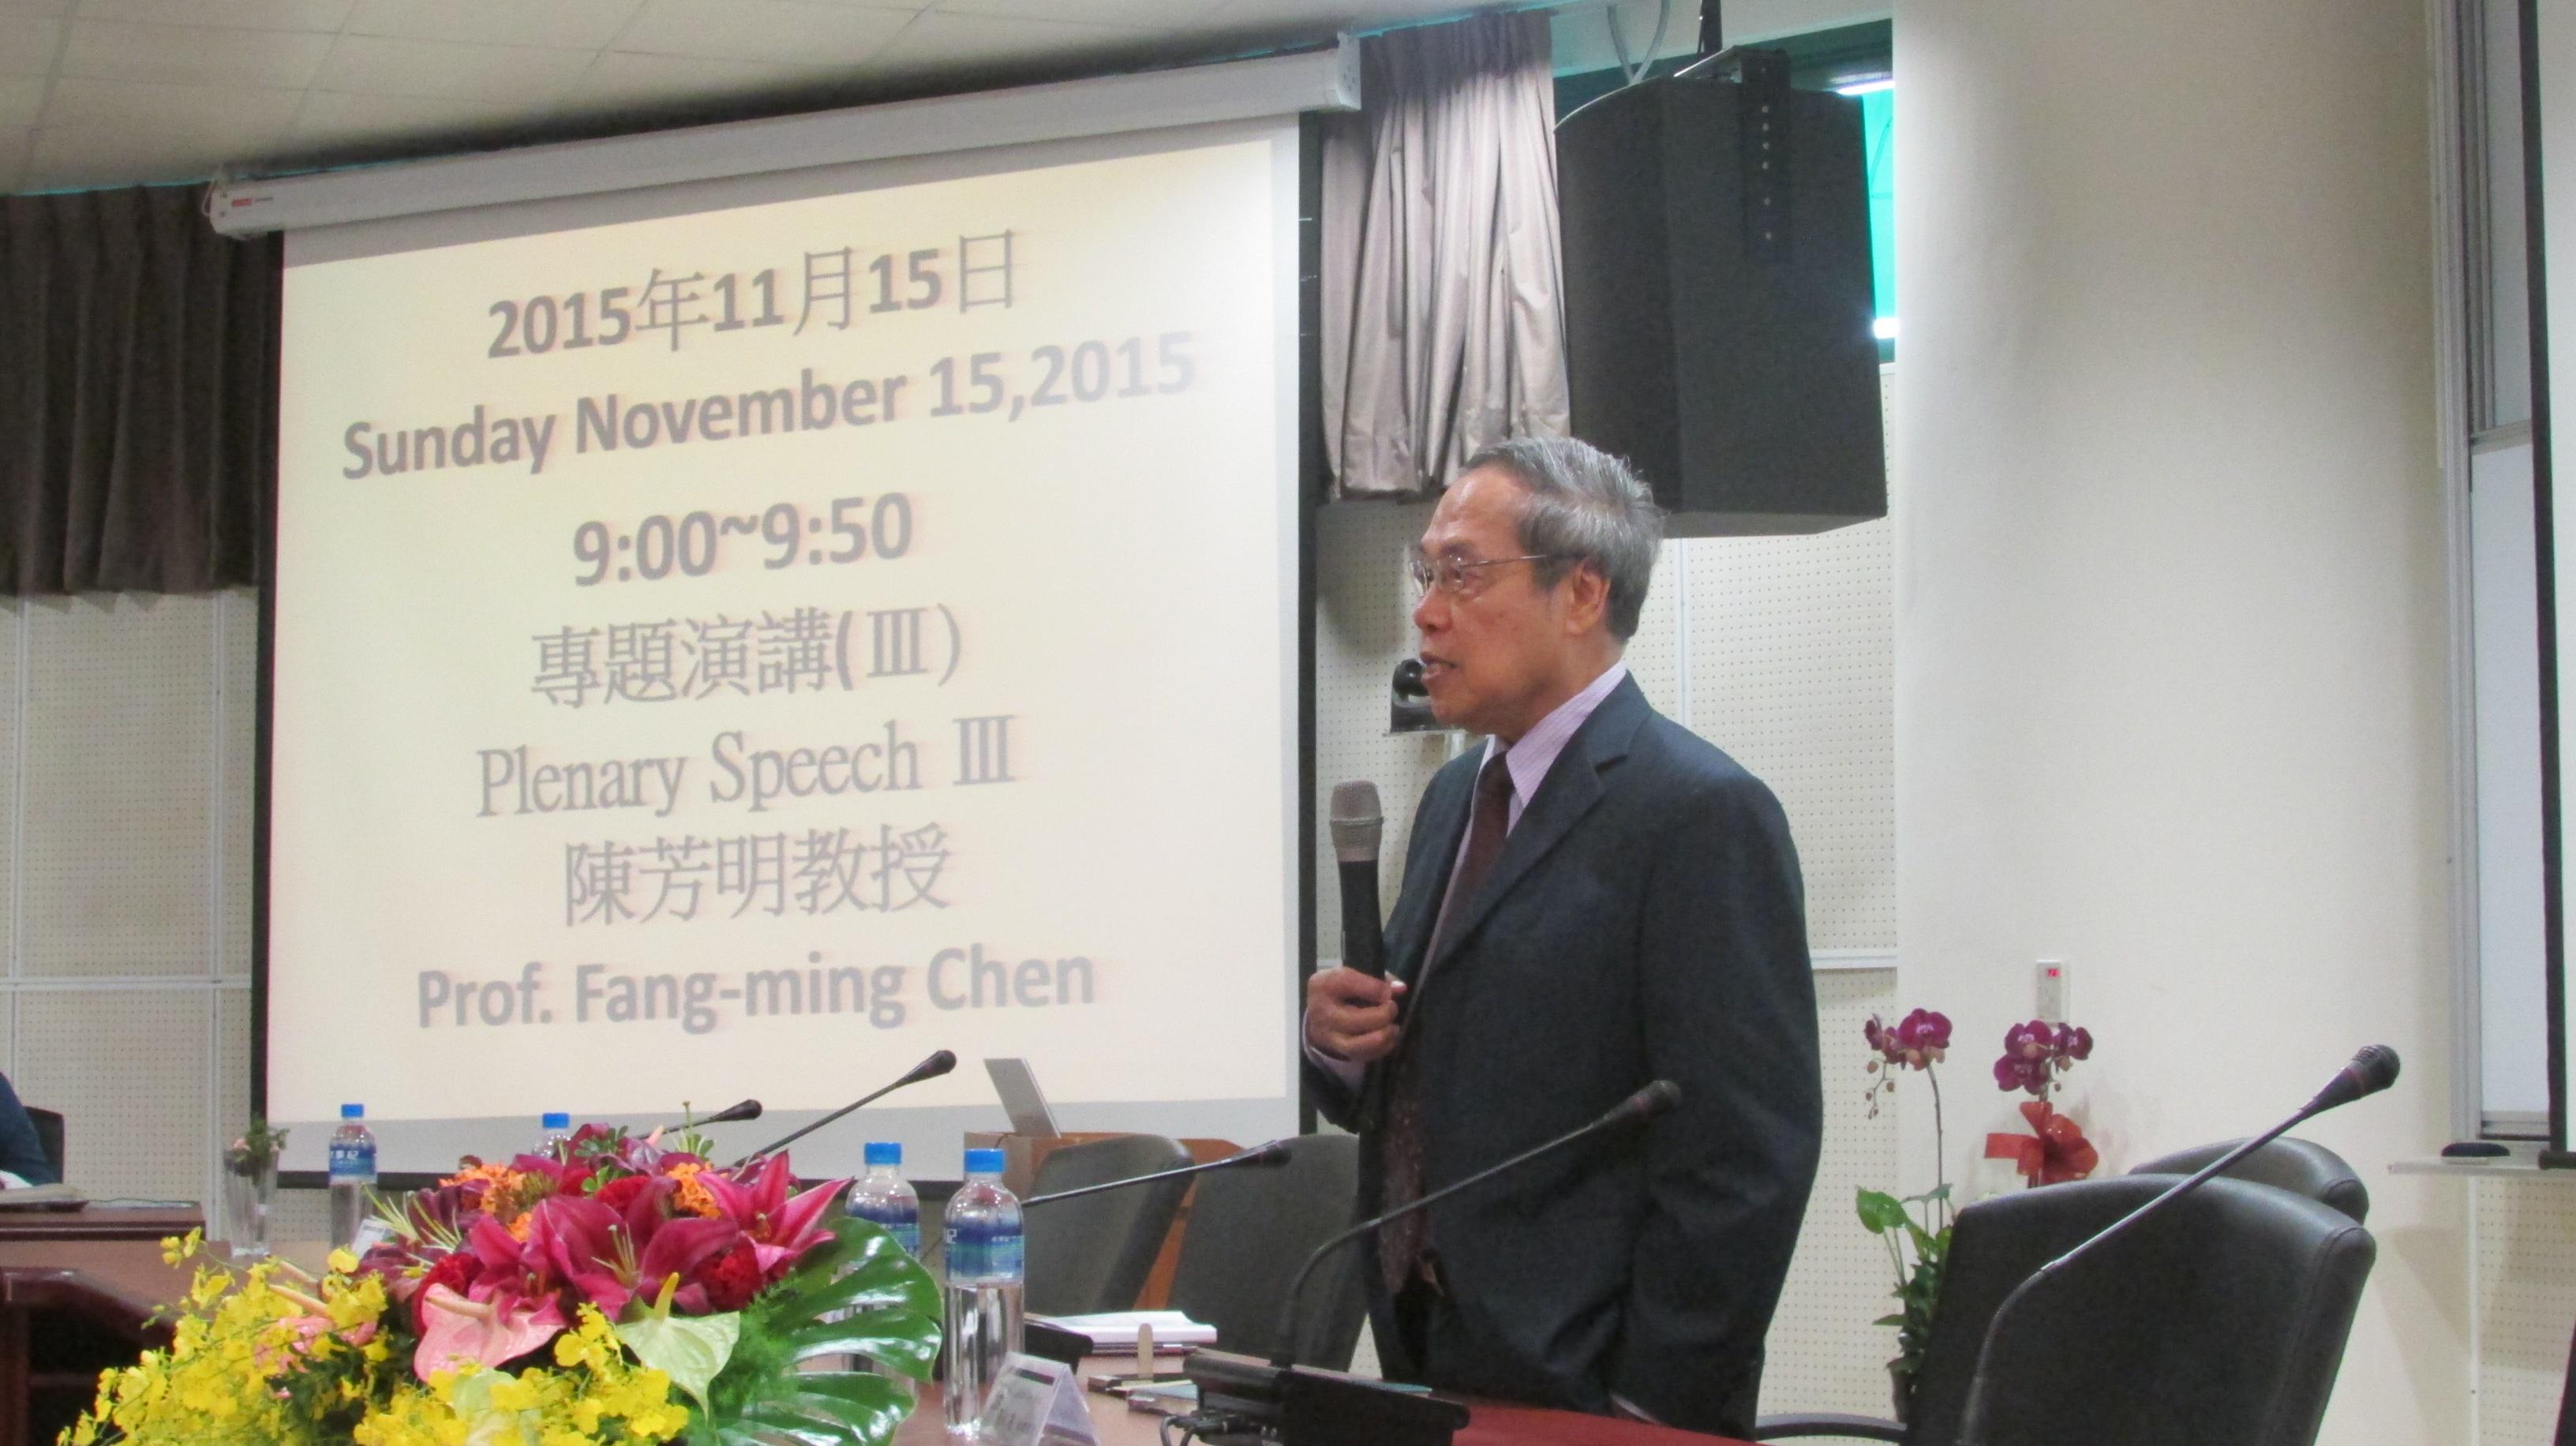 專題演講III 陳芳明